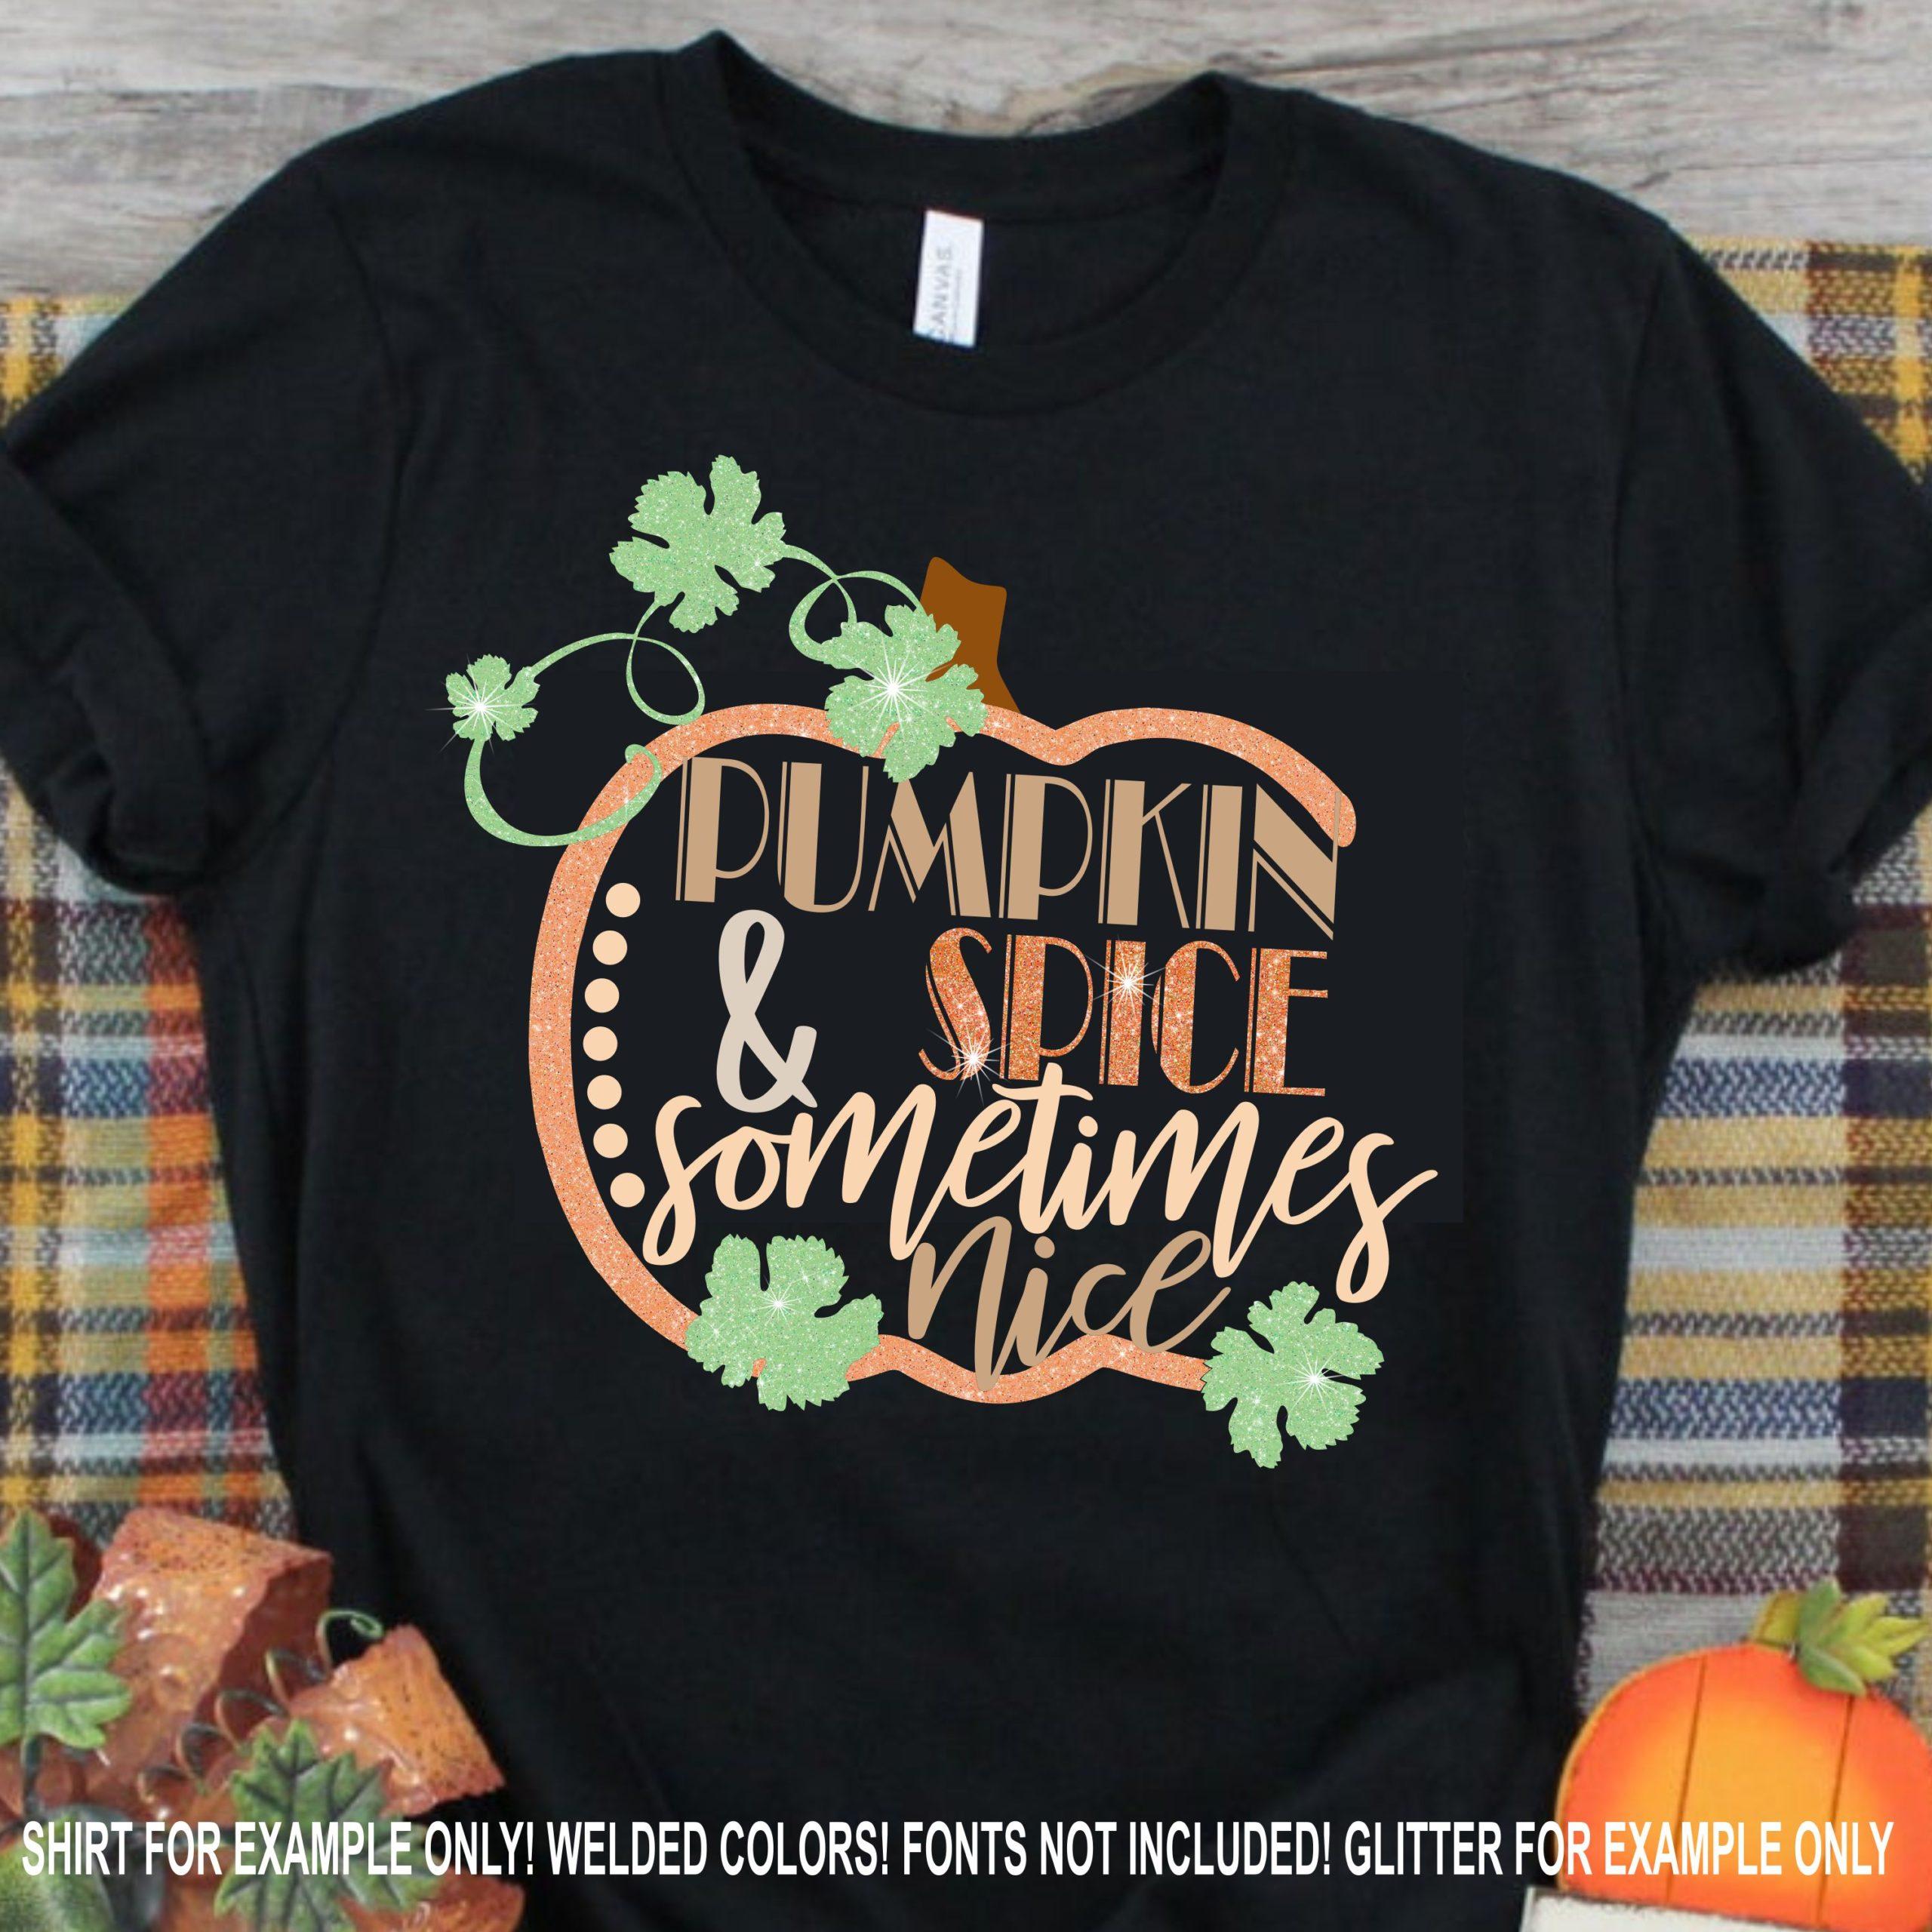 Pumpkin-spice-sometimes-nicesvg